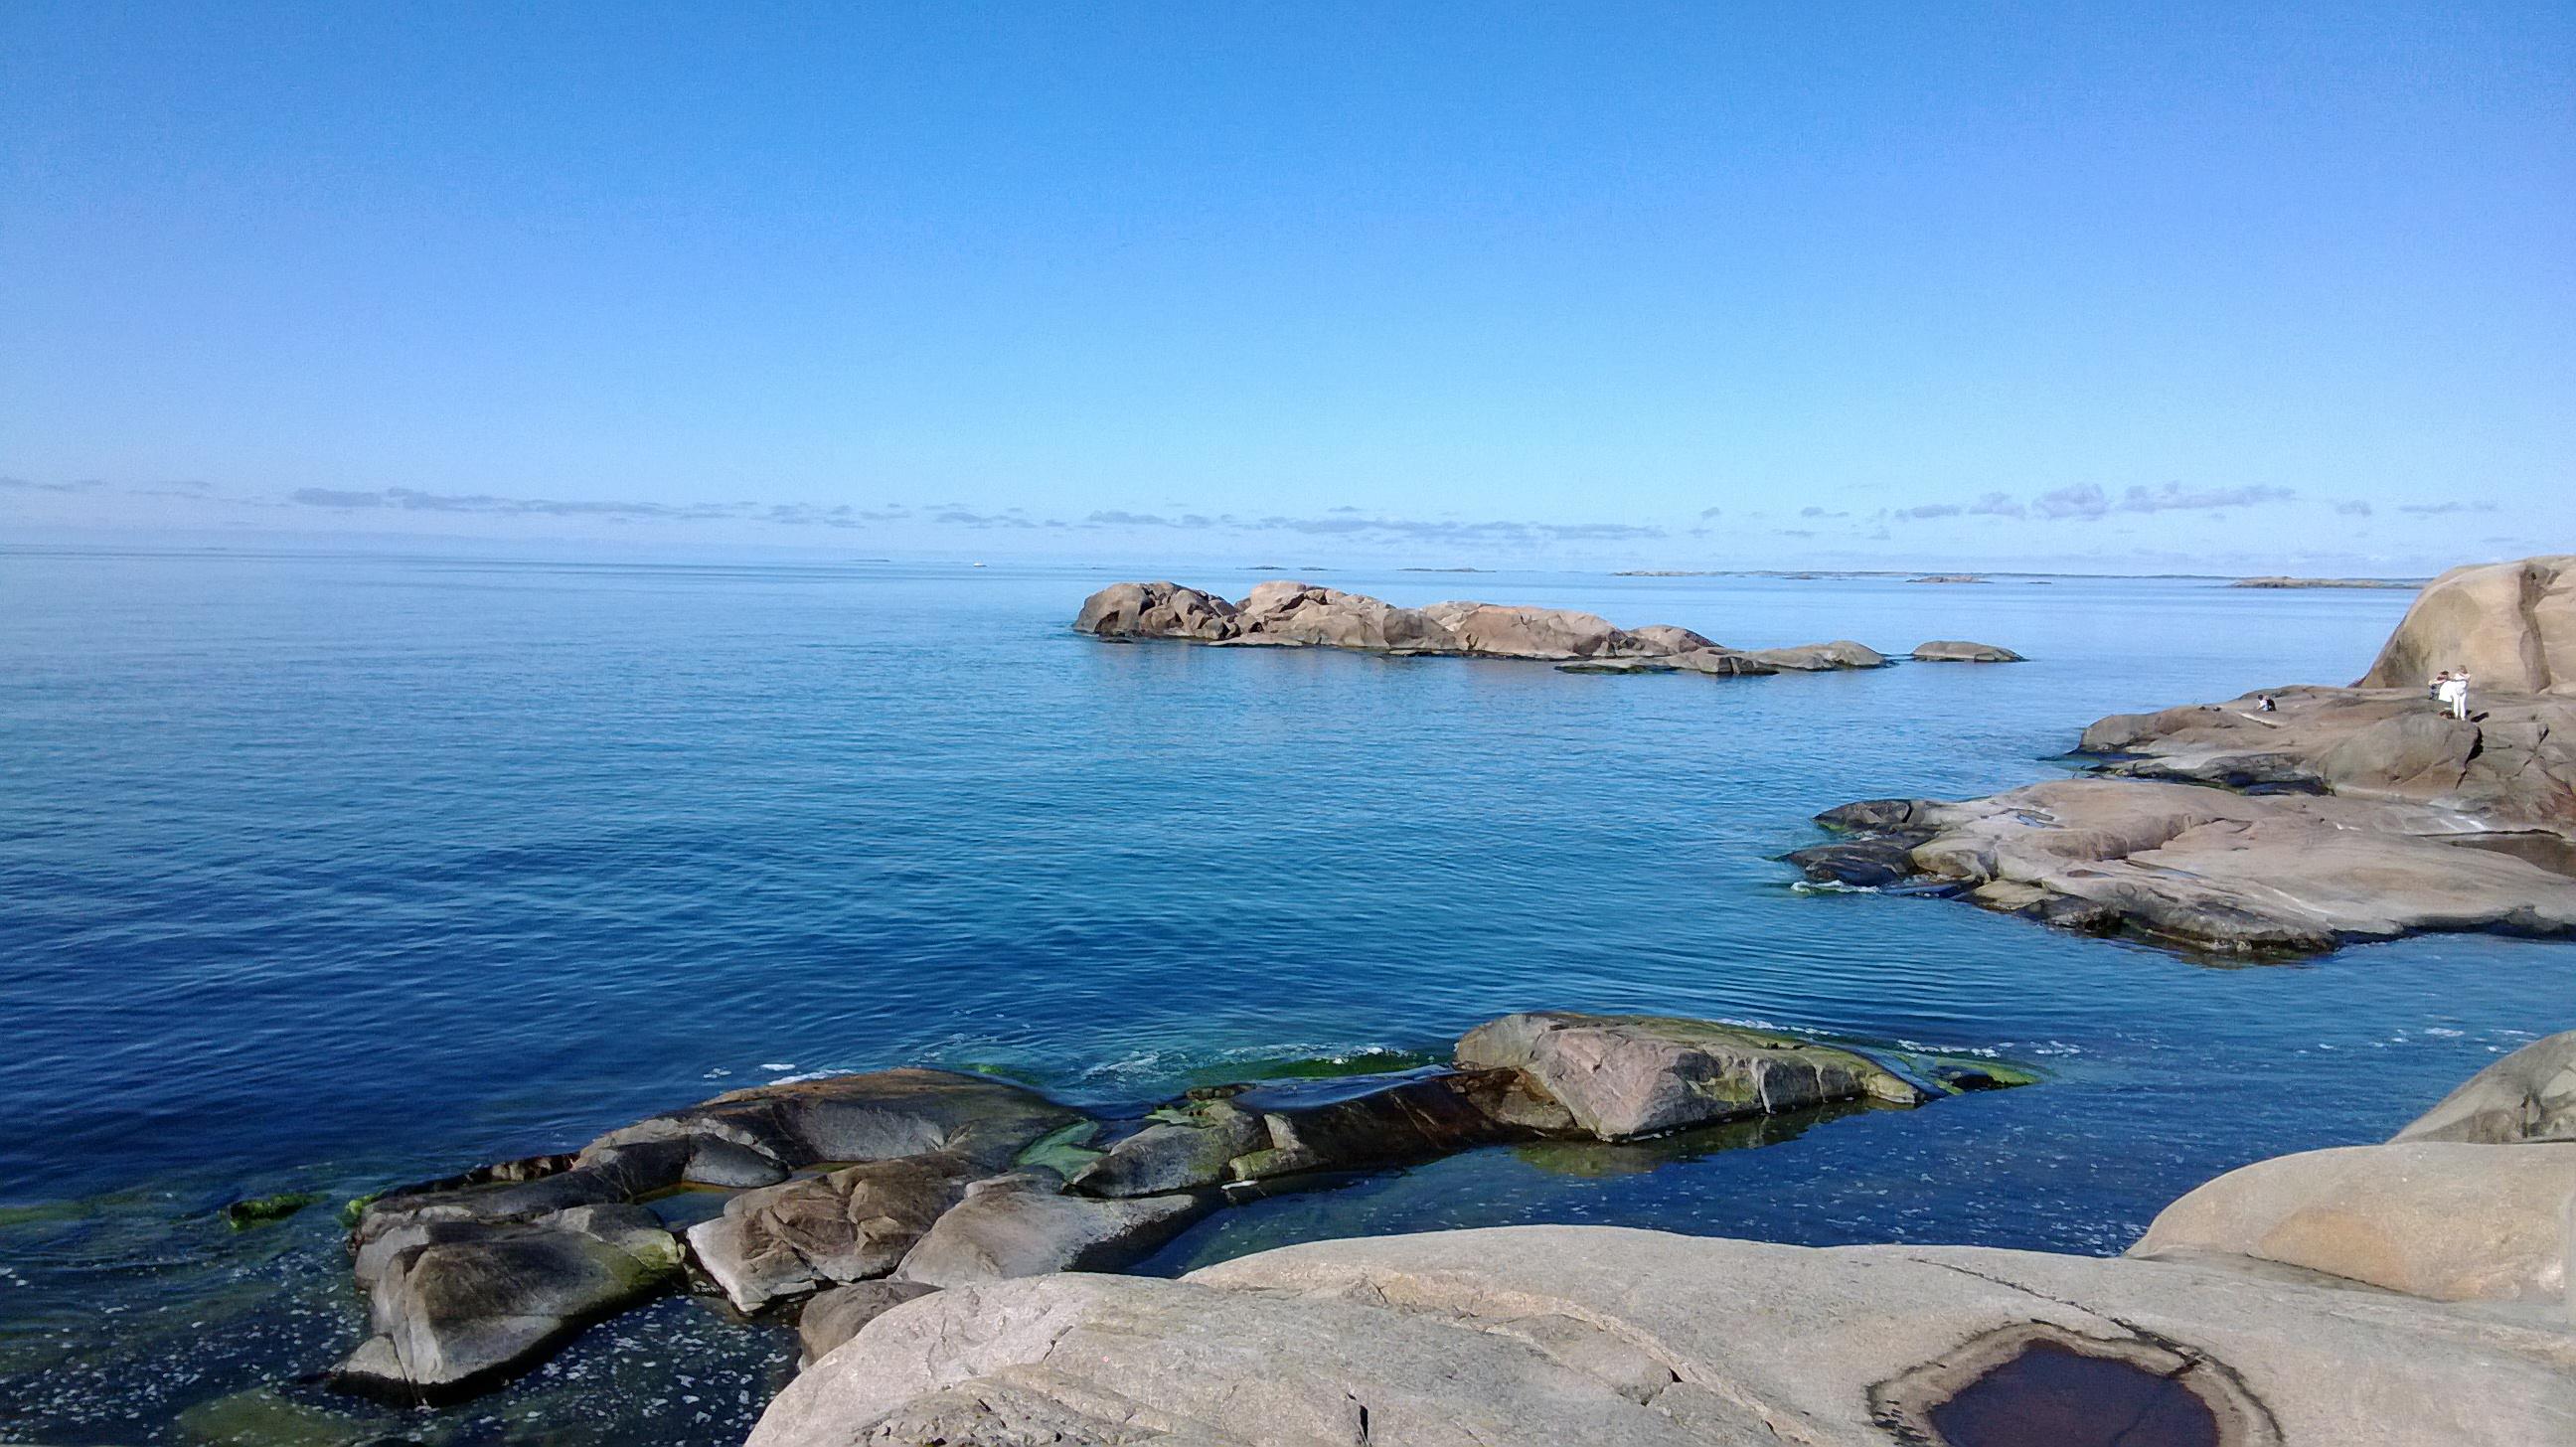 Vesistöystävälliset ruokavalinnat vaikuttavat paikallisesti mm. Saaristomeren tilan parantamiseen.